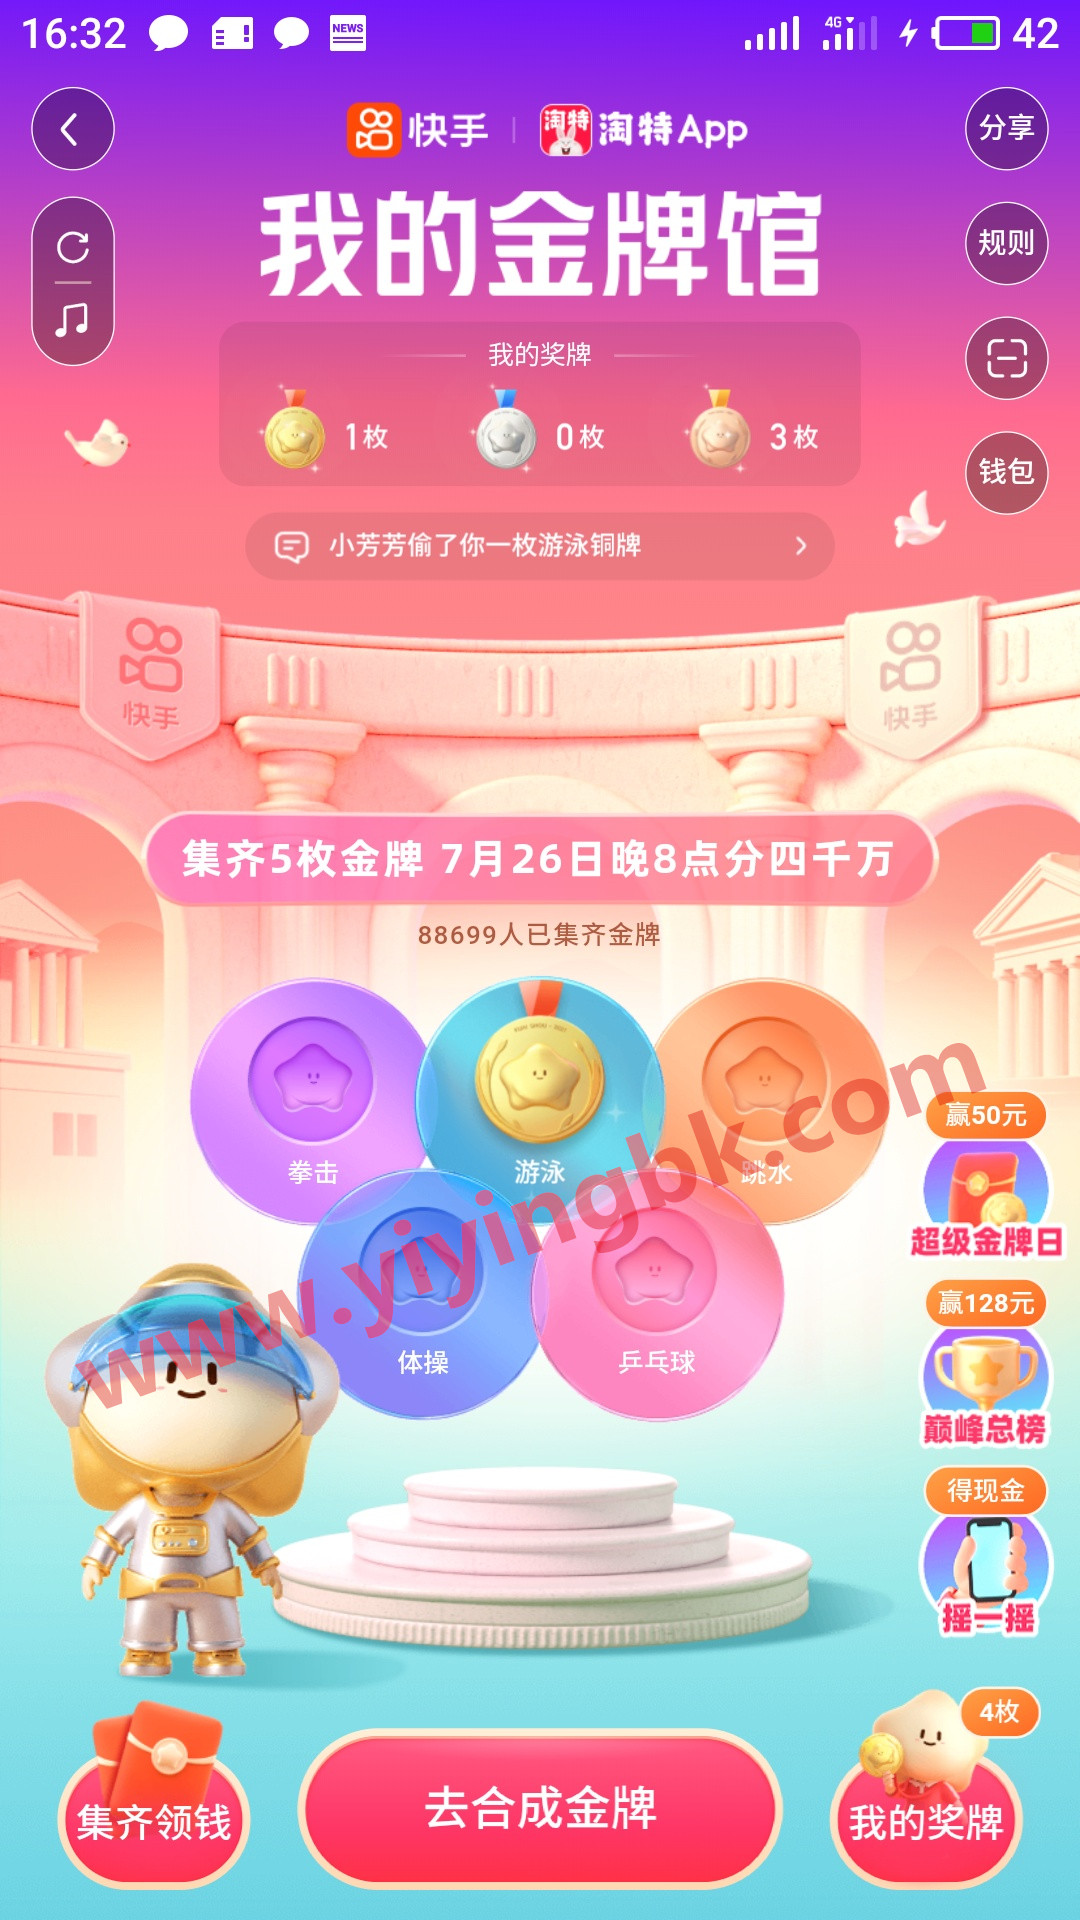 我的金牌馆,集齐5枚金牌即可瓜分四千万元红包奖励。www.yiyingbk.com